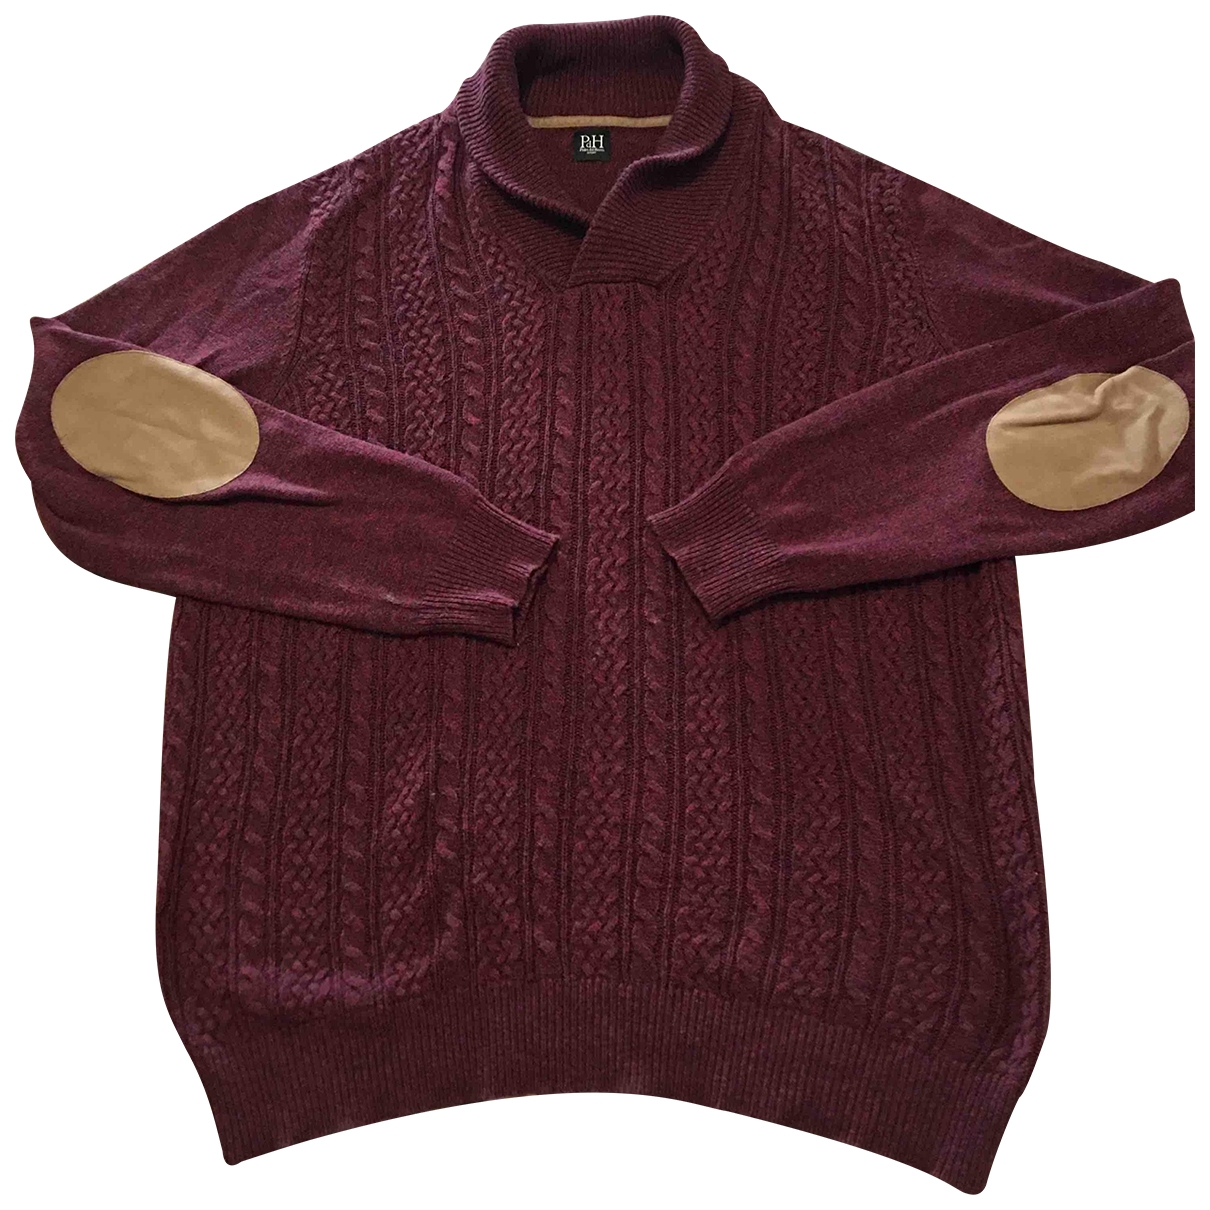 Pedro Del Hierro - Pulls.Gilets.Sweats   pour homme en laine - bordeaux